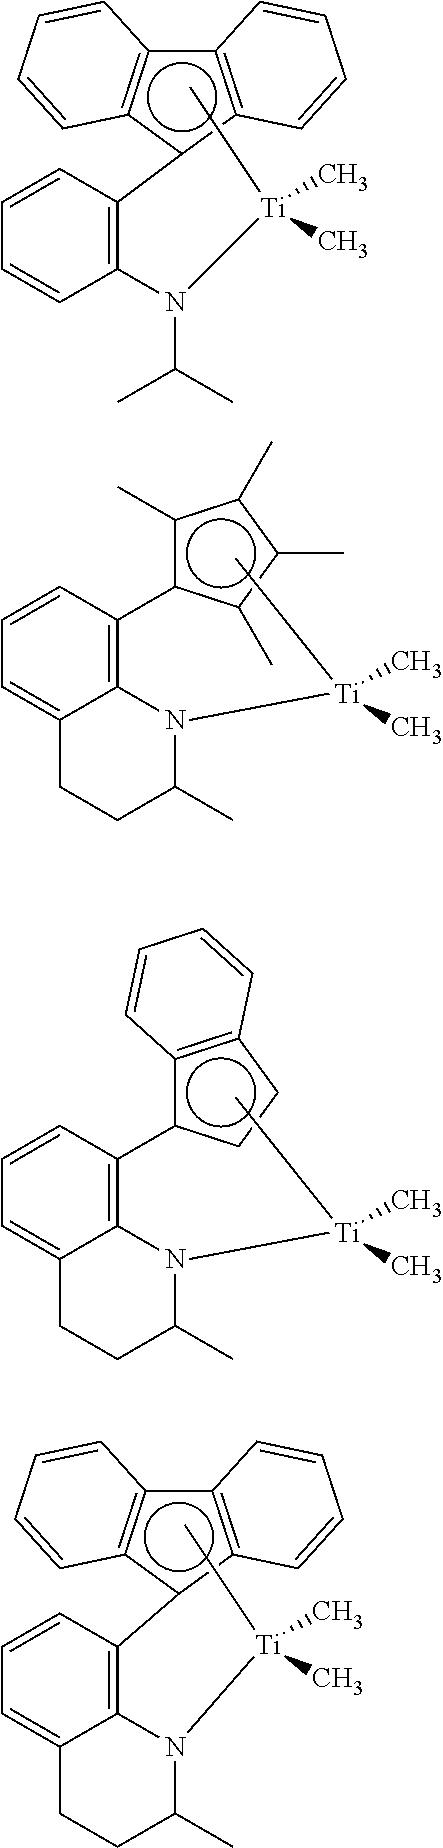 Figure US20110177935A1-20110721-C00026